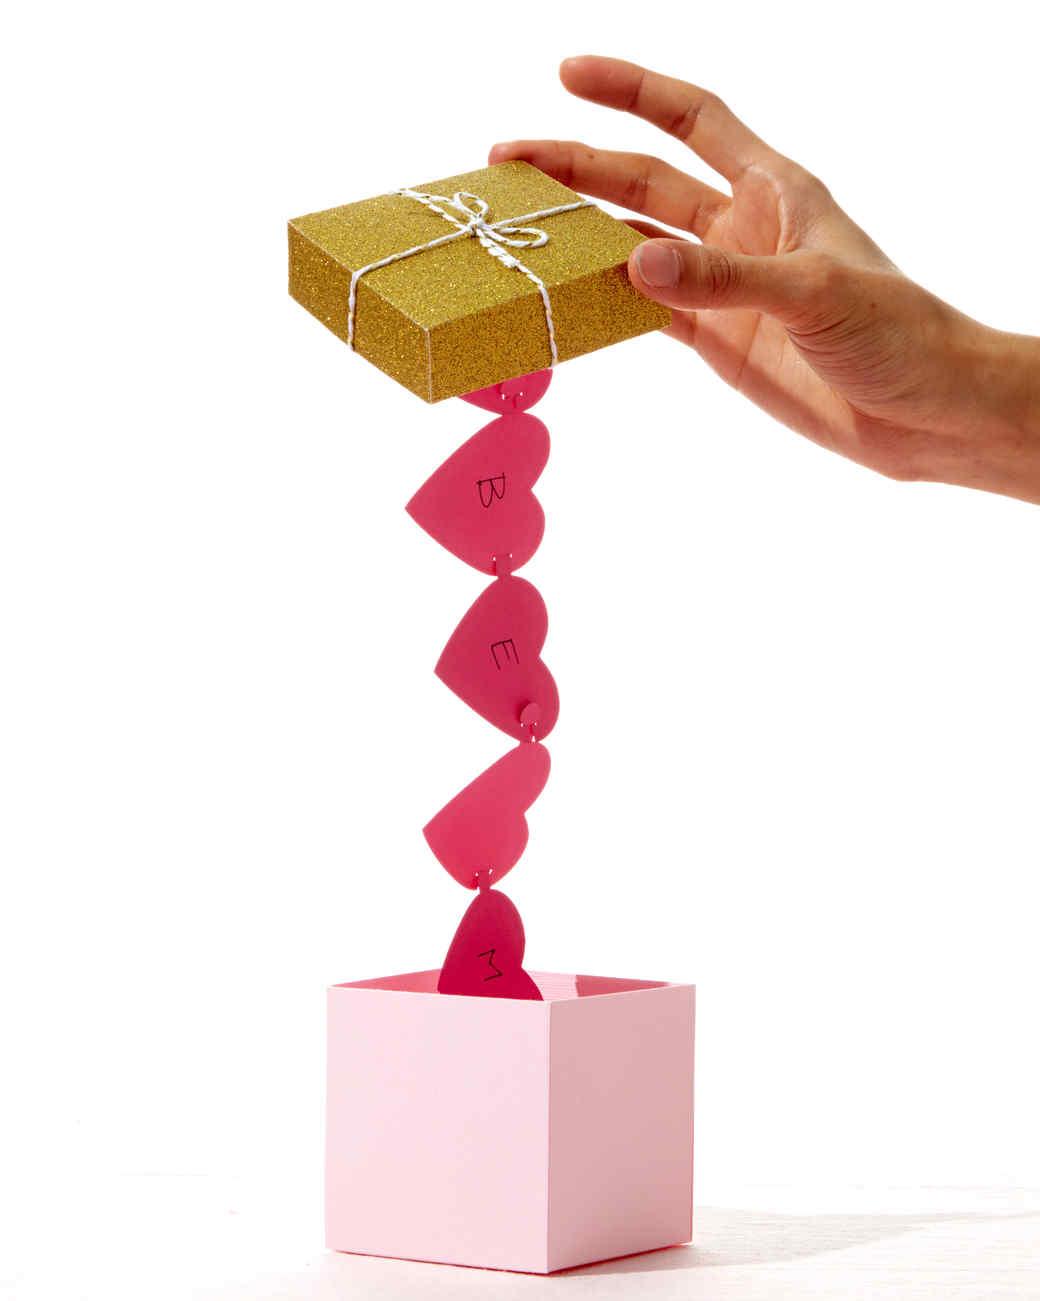 caja sorpresa para el día de san valentín, caja de cartón con guirnalda de corazones de papel, regalos san valentin hechos a mano